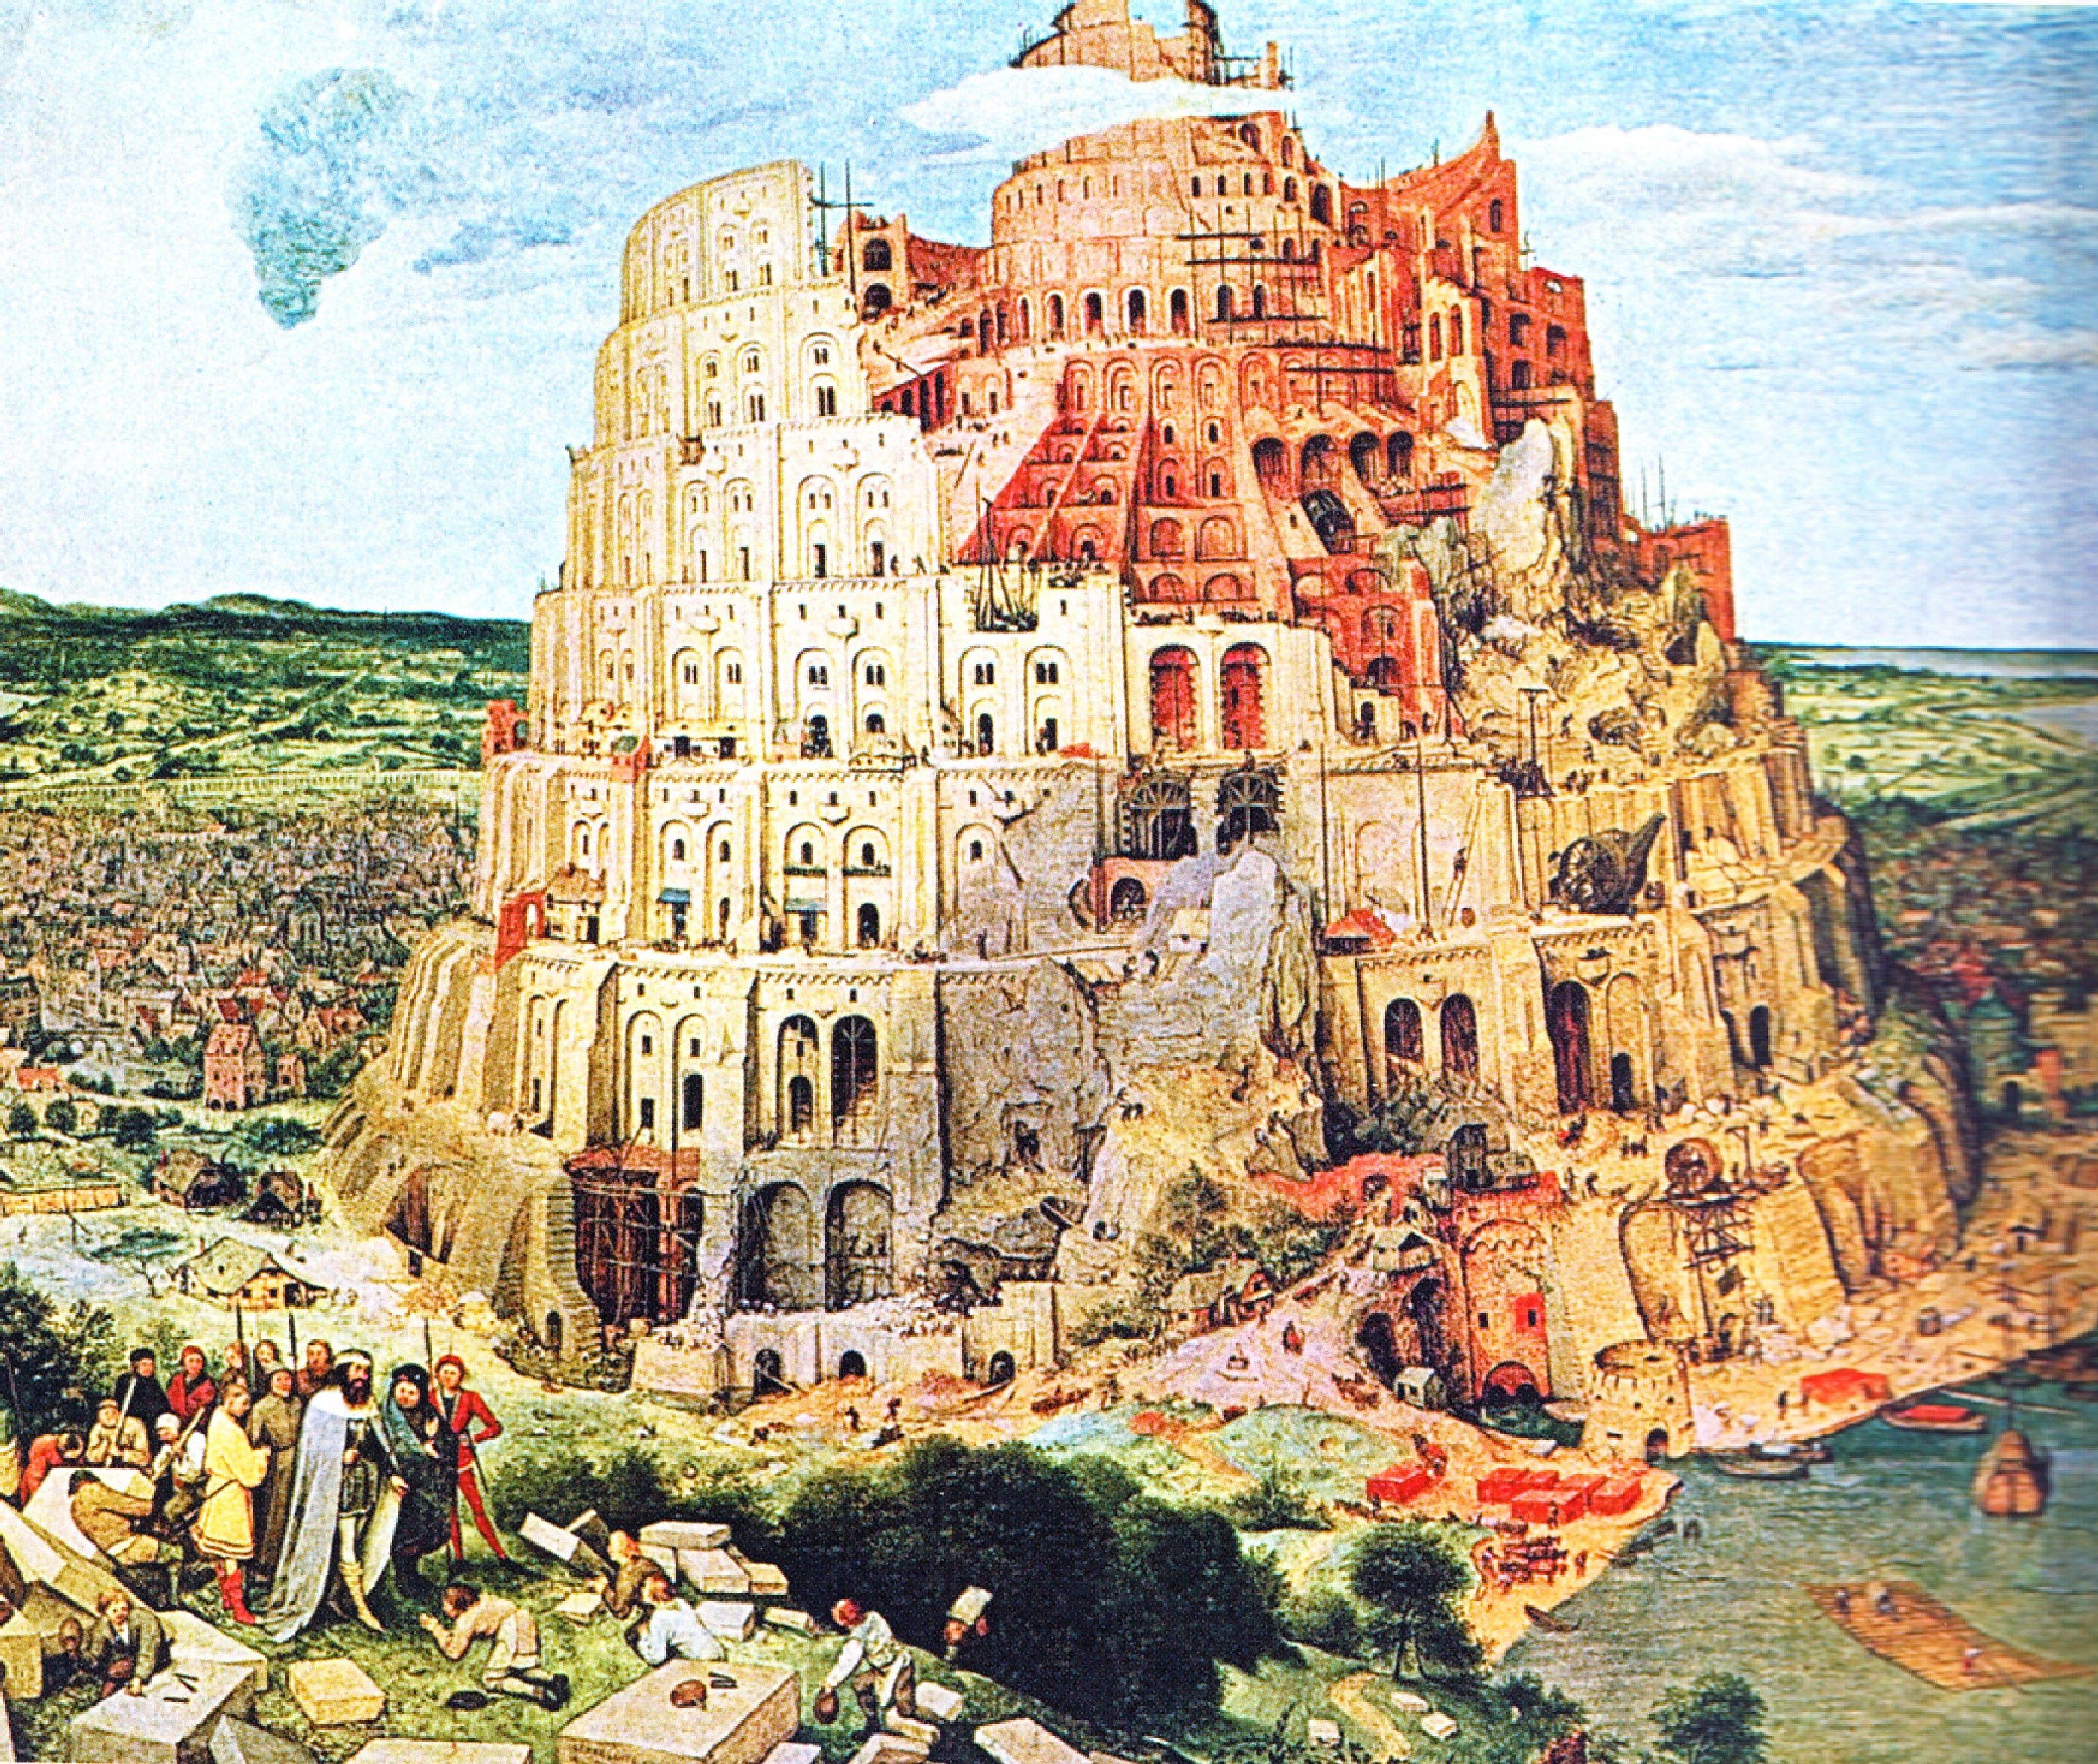 The Tower of Babel, Pieter Bruegel the Elder 1563 ...